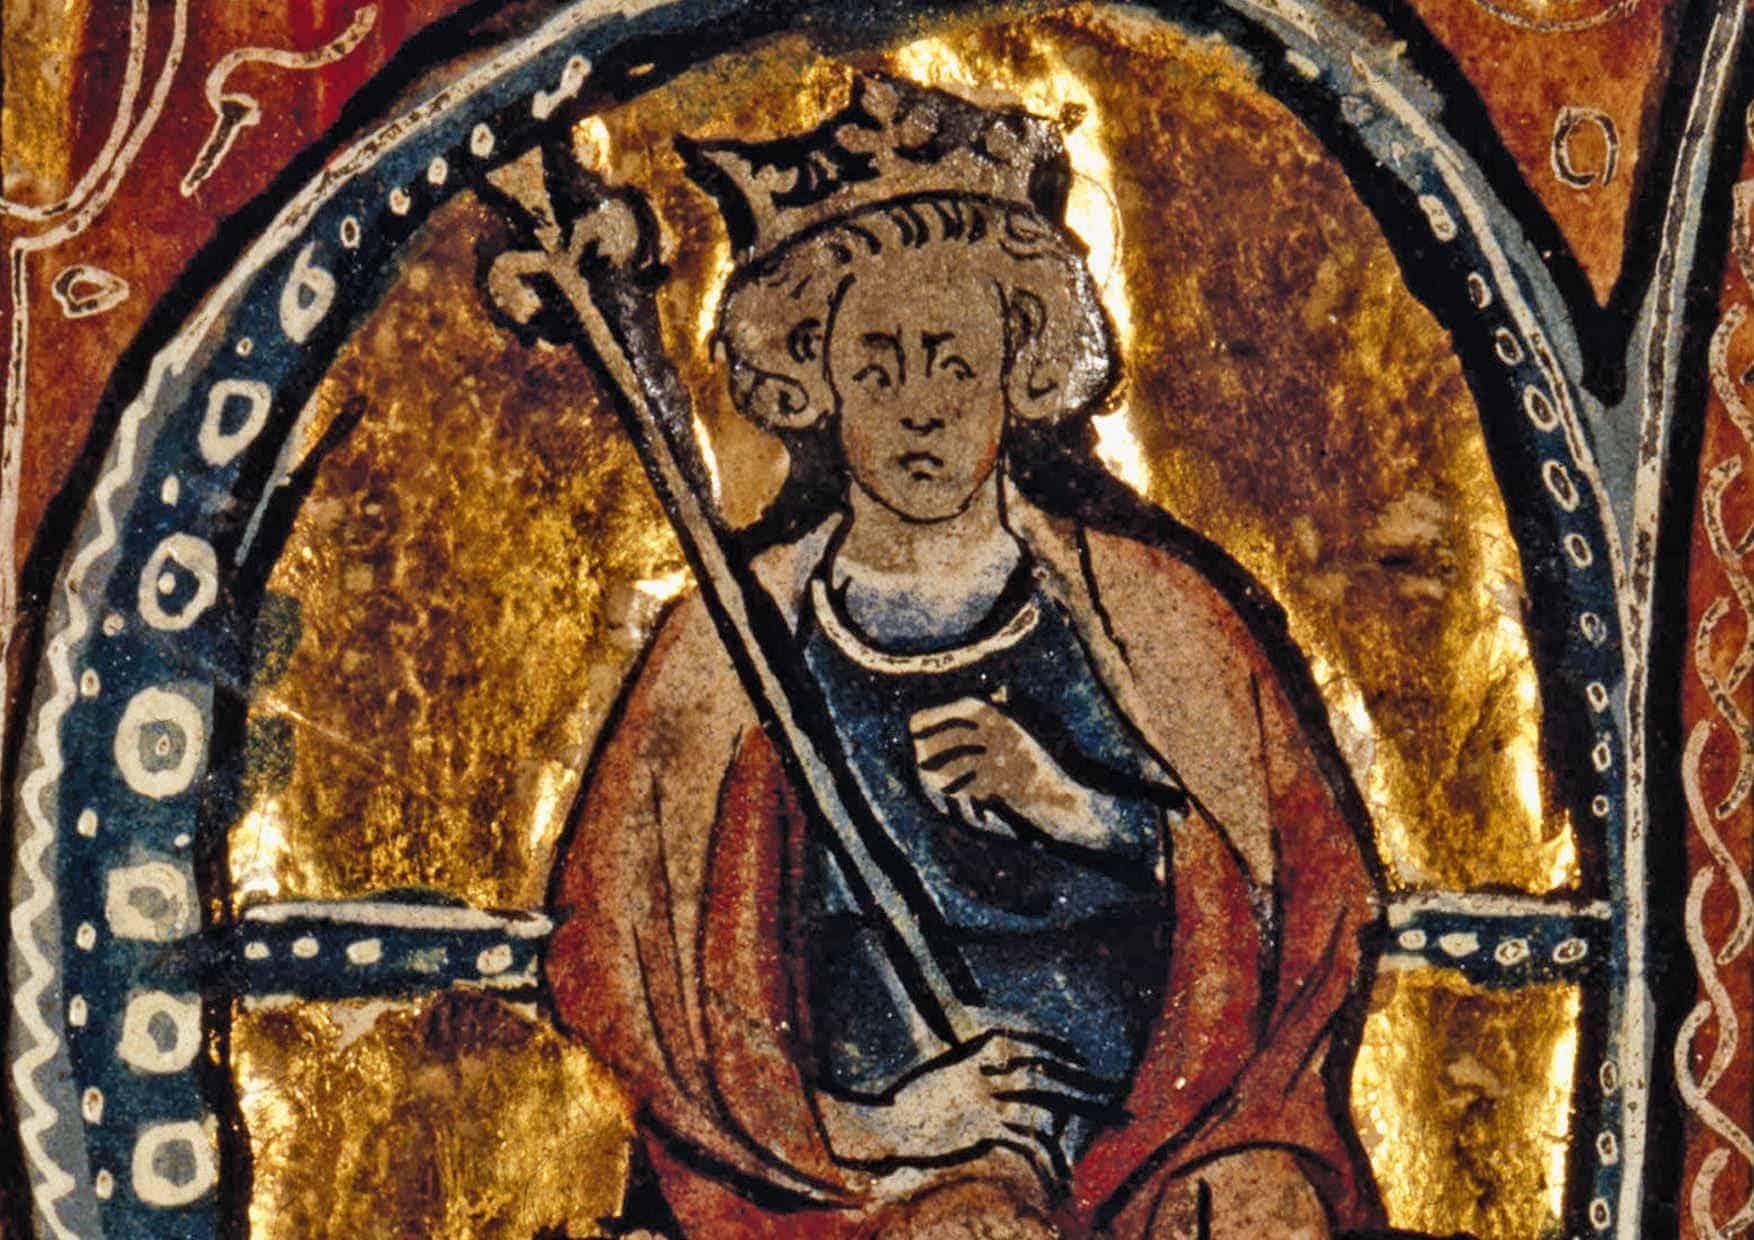 Alfred i et manuskript fra 1300-tallet. Han har blitt hyllet som Englands frelser, men skjebnen til kongedømmet hans hang i en tynn tråd ved mer enn én anledning.